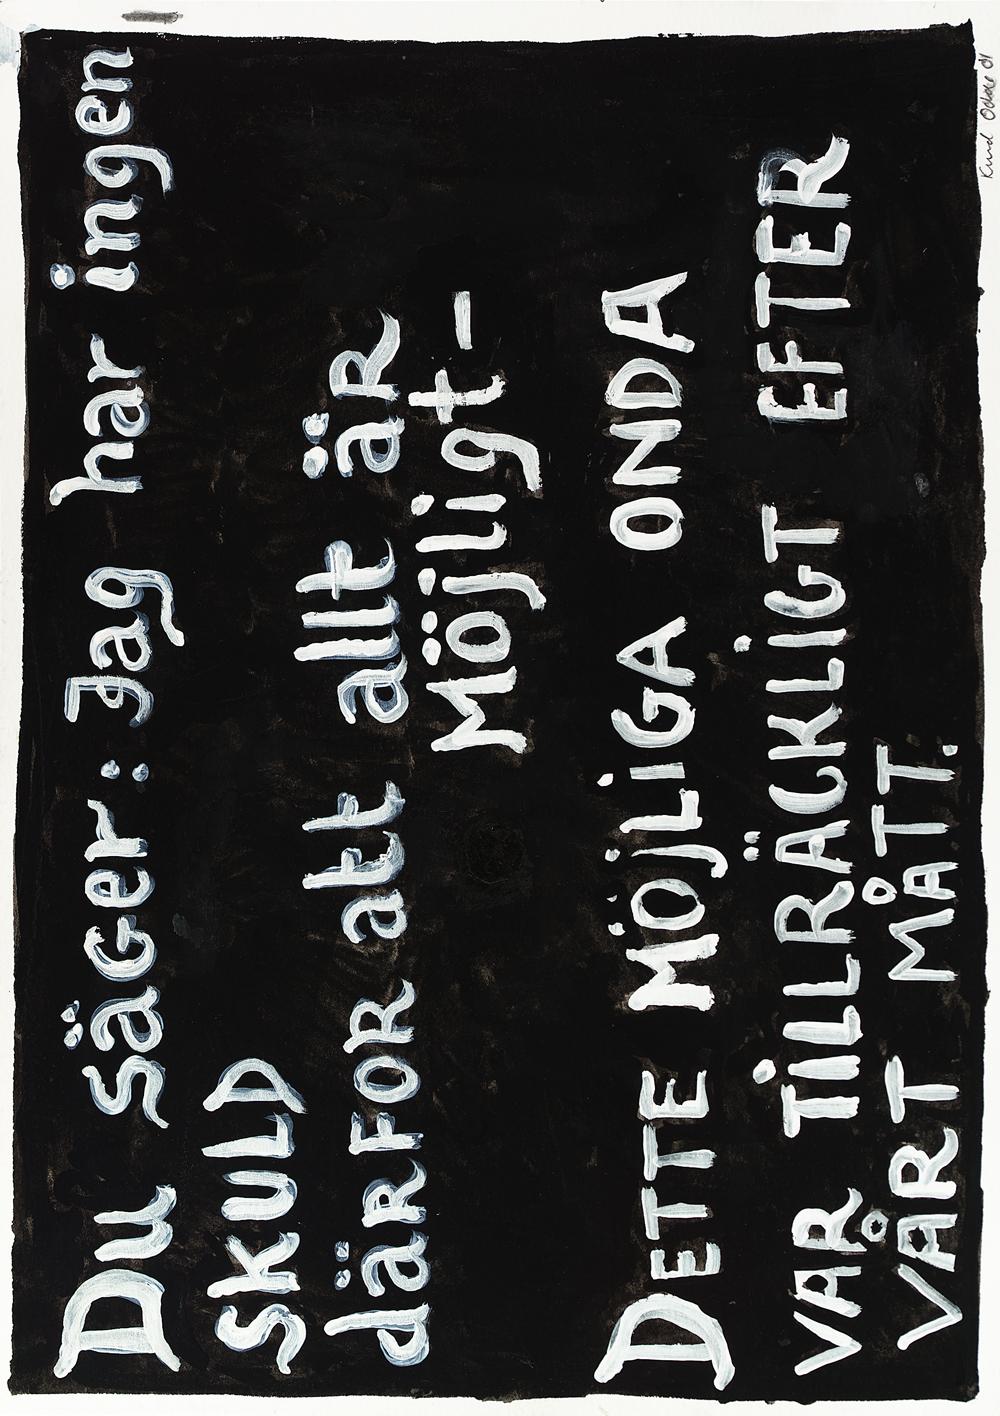 Paper_Du säger (Ekelöf)_30,5x40,5cm_Gouache_2001